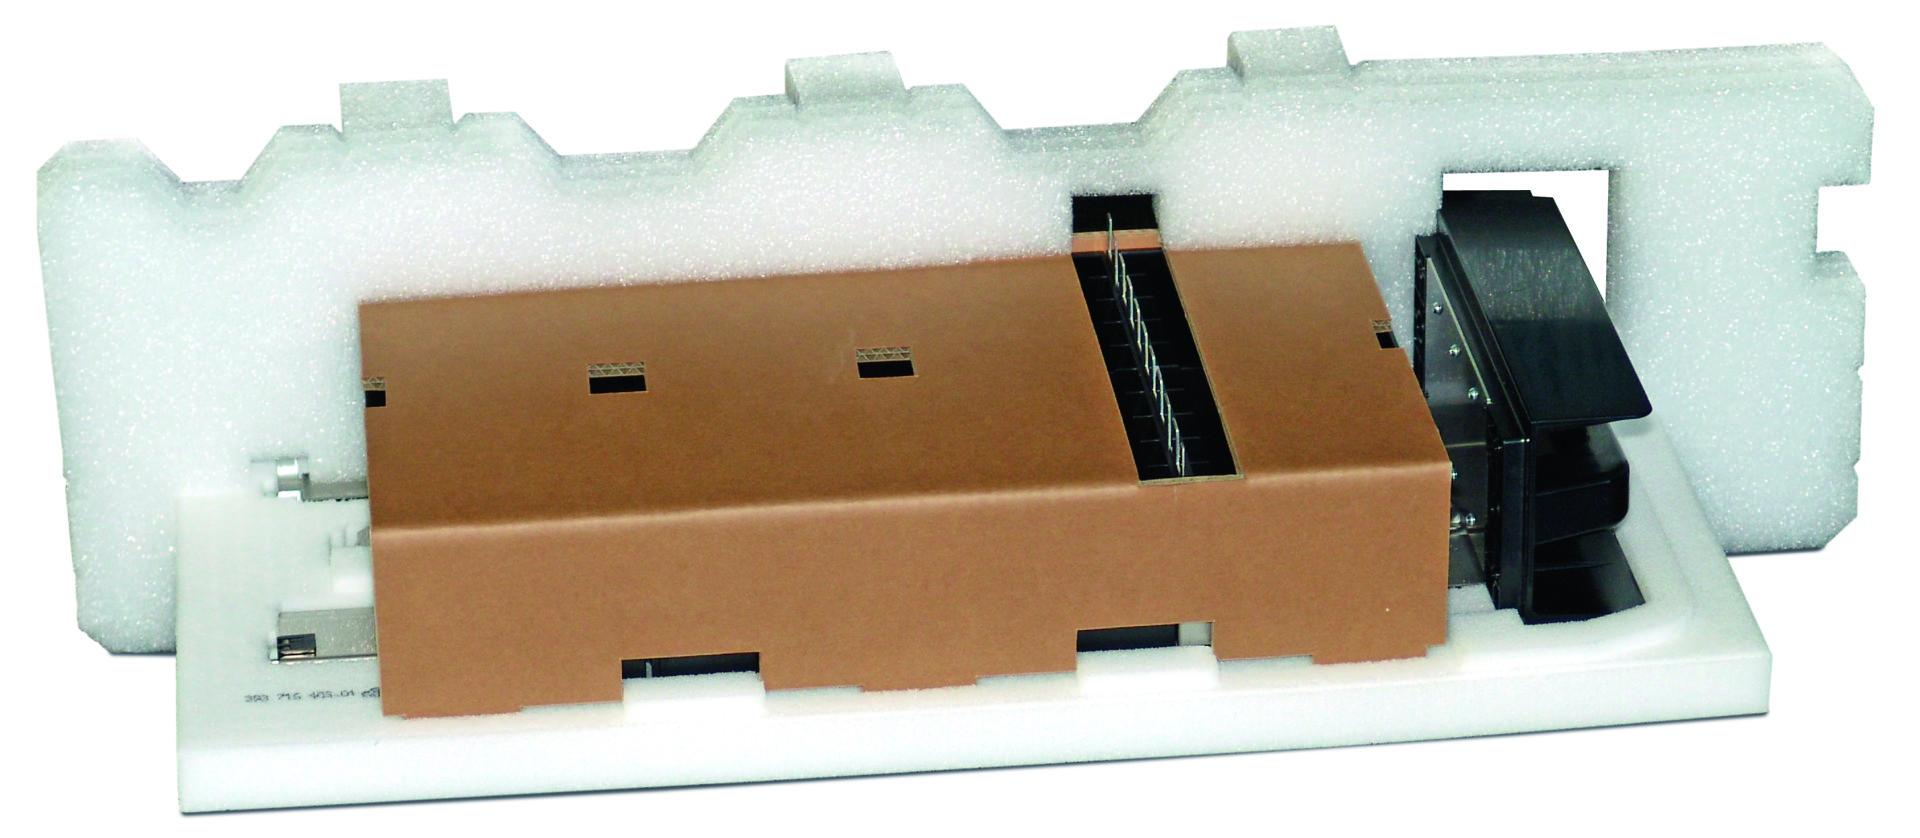 Beispiel einer PE Schaumverpackungslösung